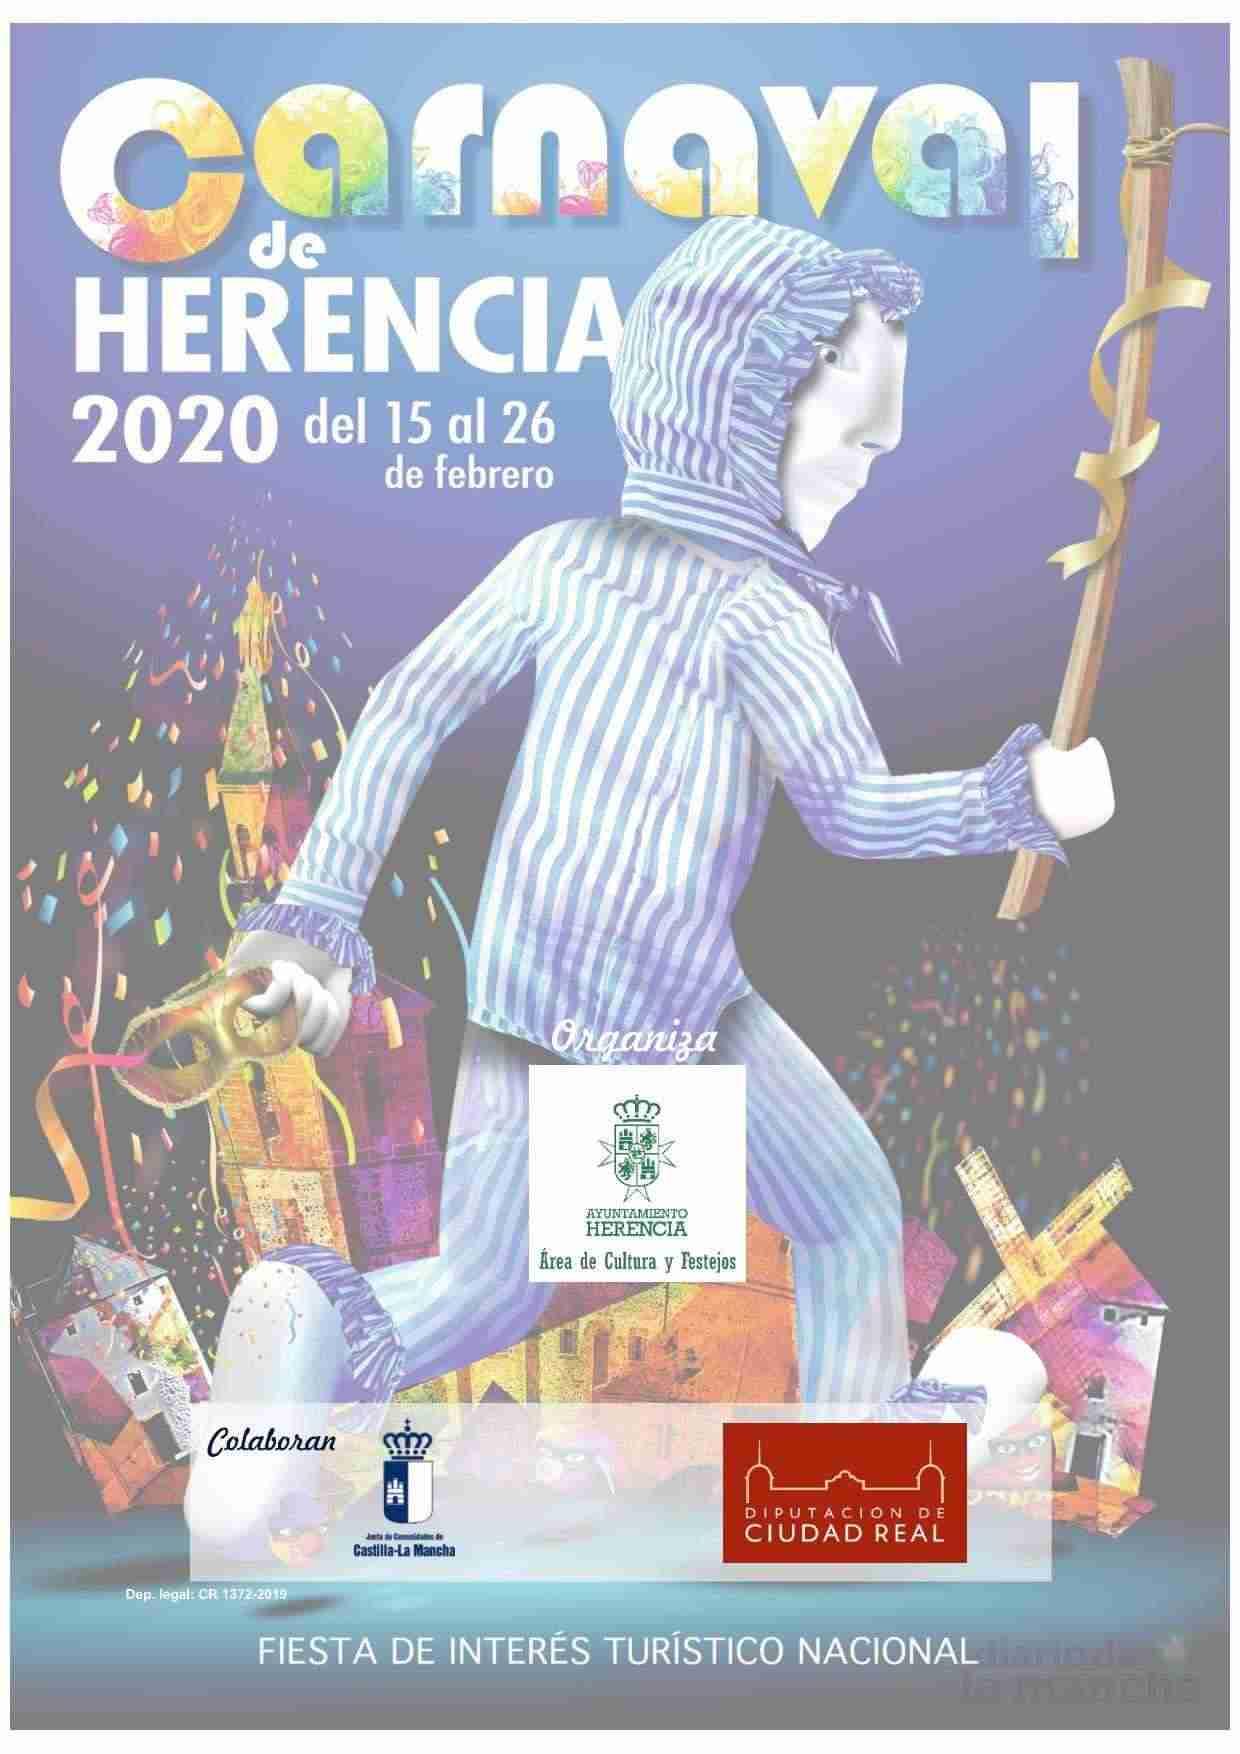 El Carnaval de Herencia contará con el actor Salva Reina como pregonero 11